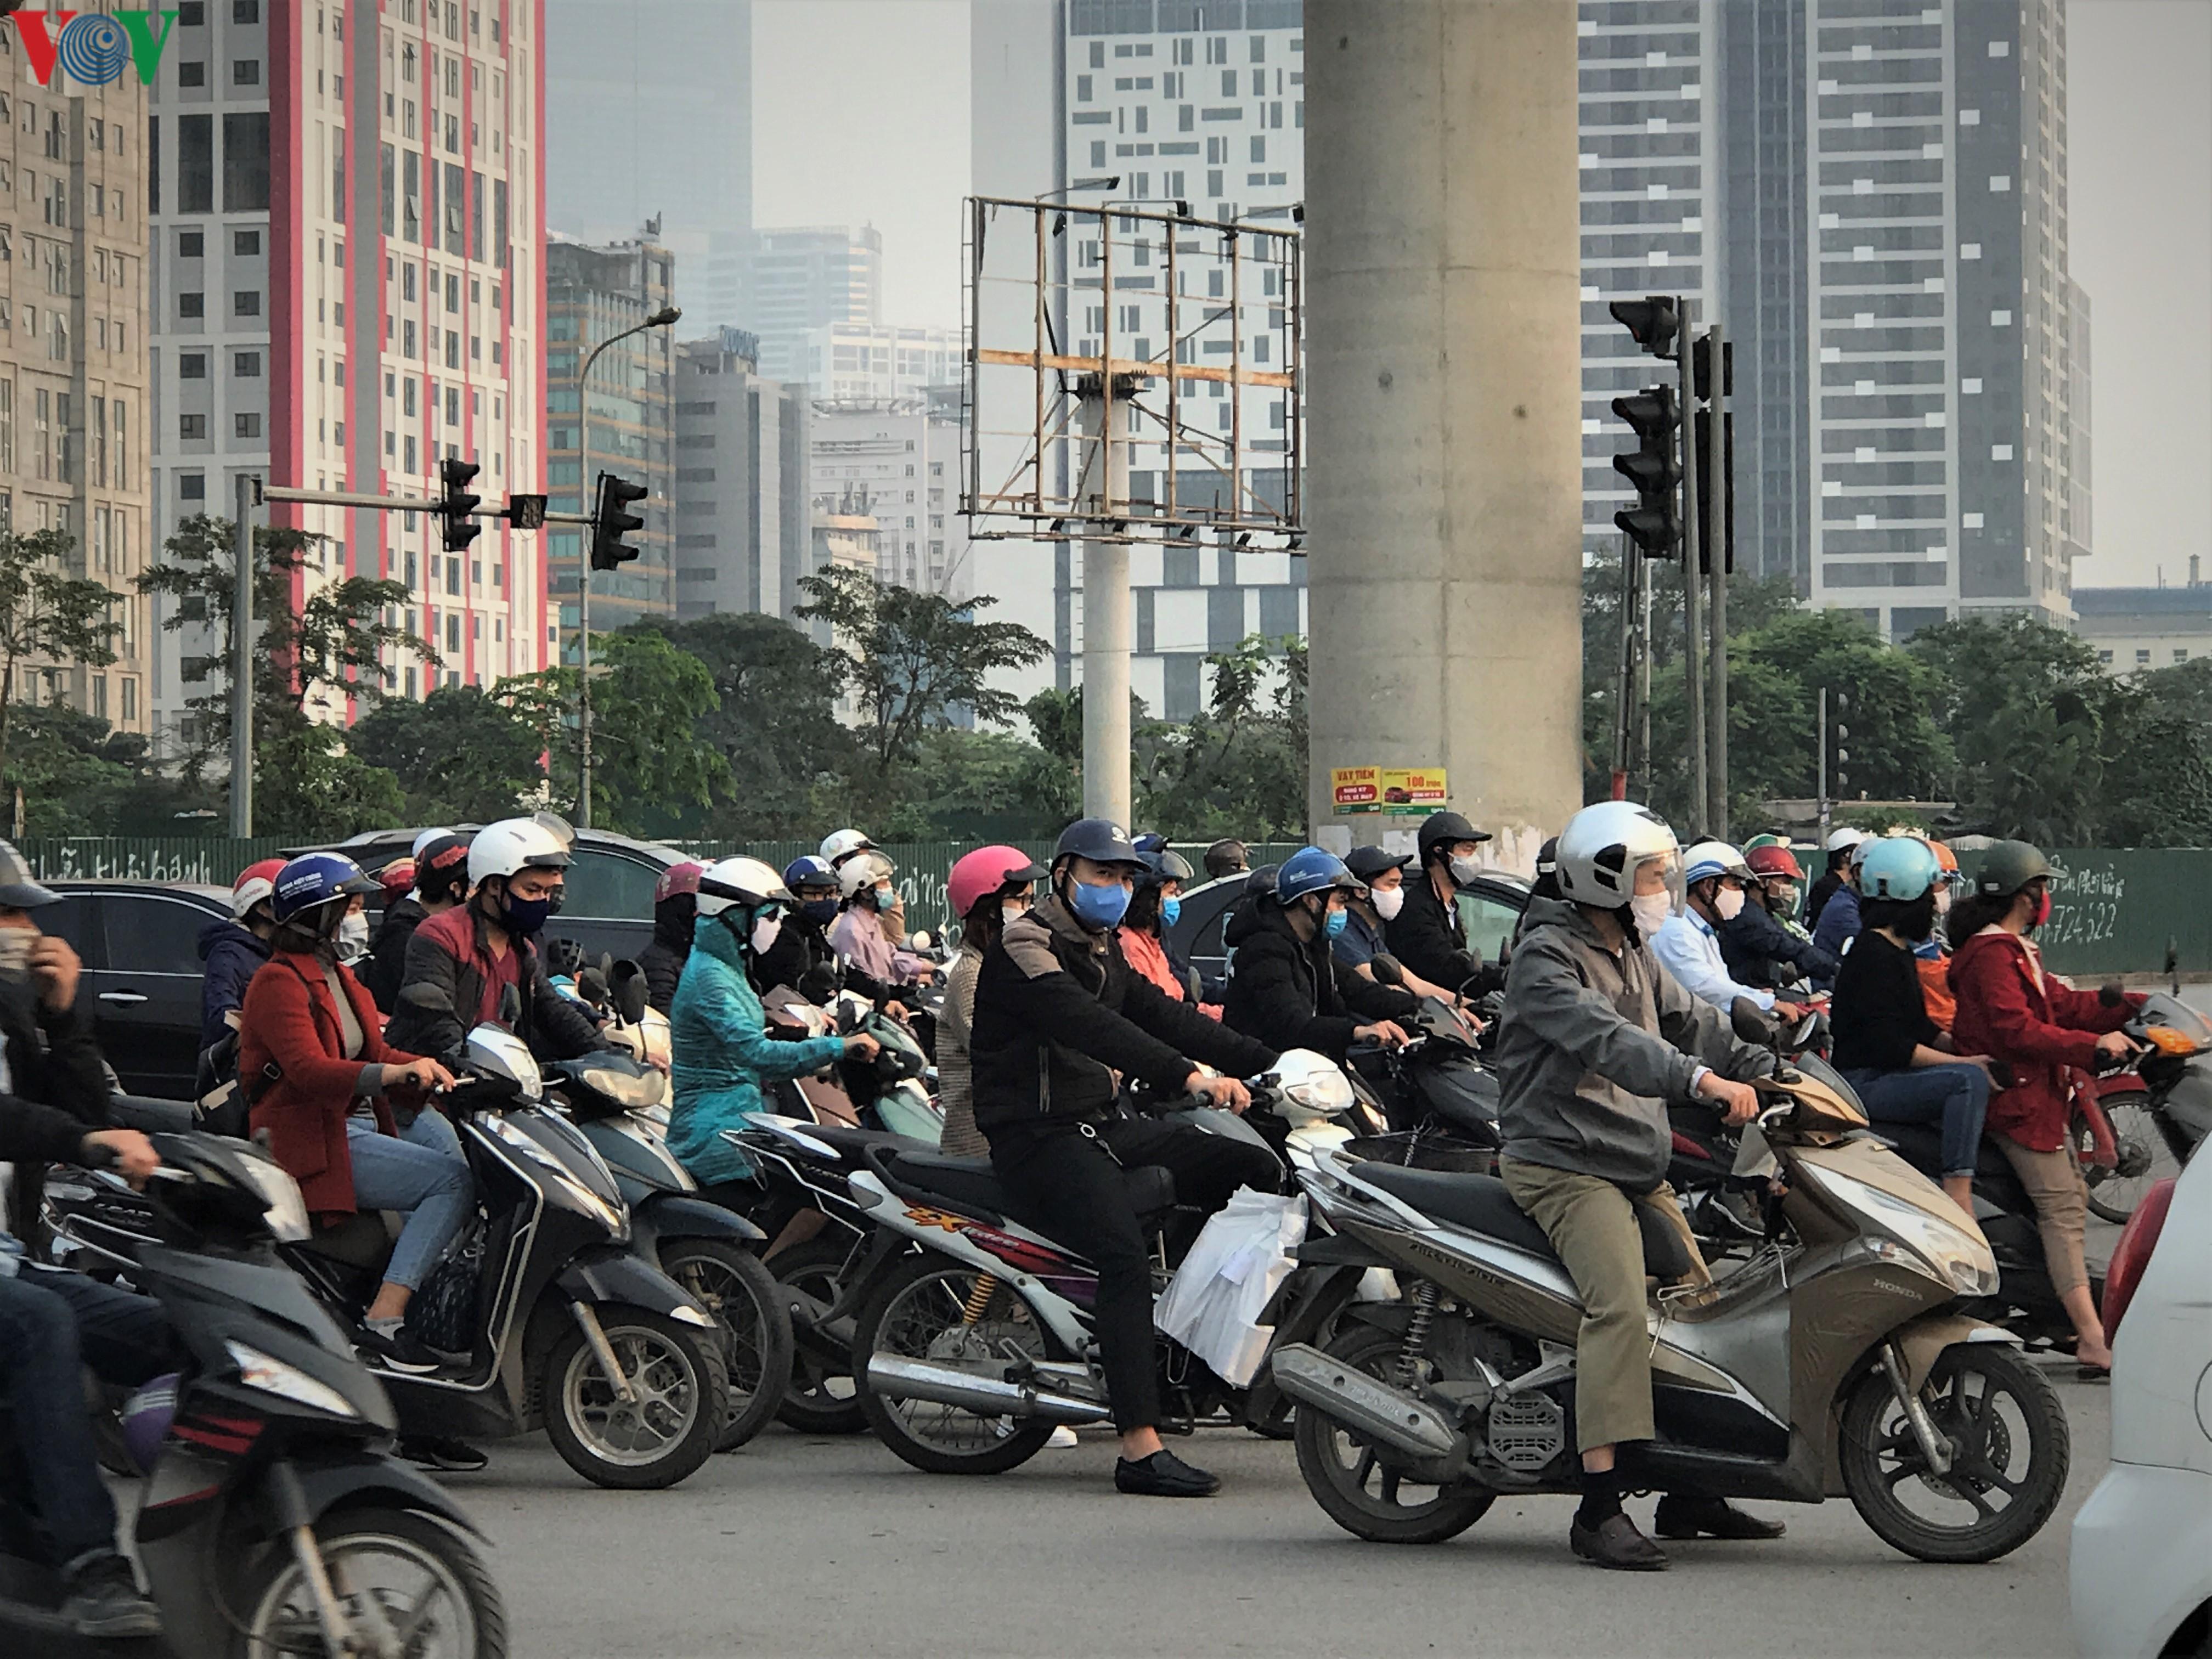 Ngày thứ 9 cách ly xã hội: Người và xe đông chật các ngã tư ở Hà Nội Ảnh 3